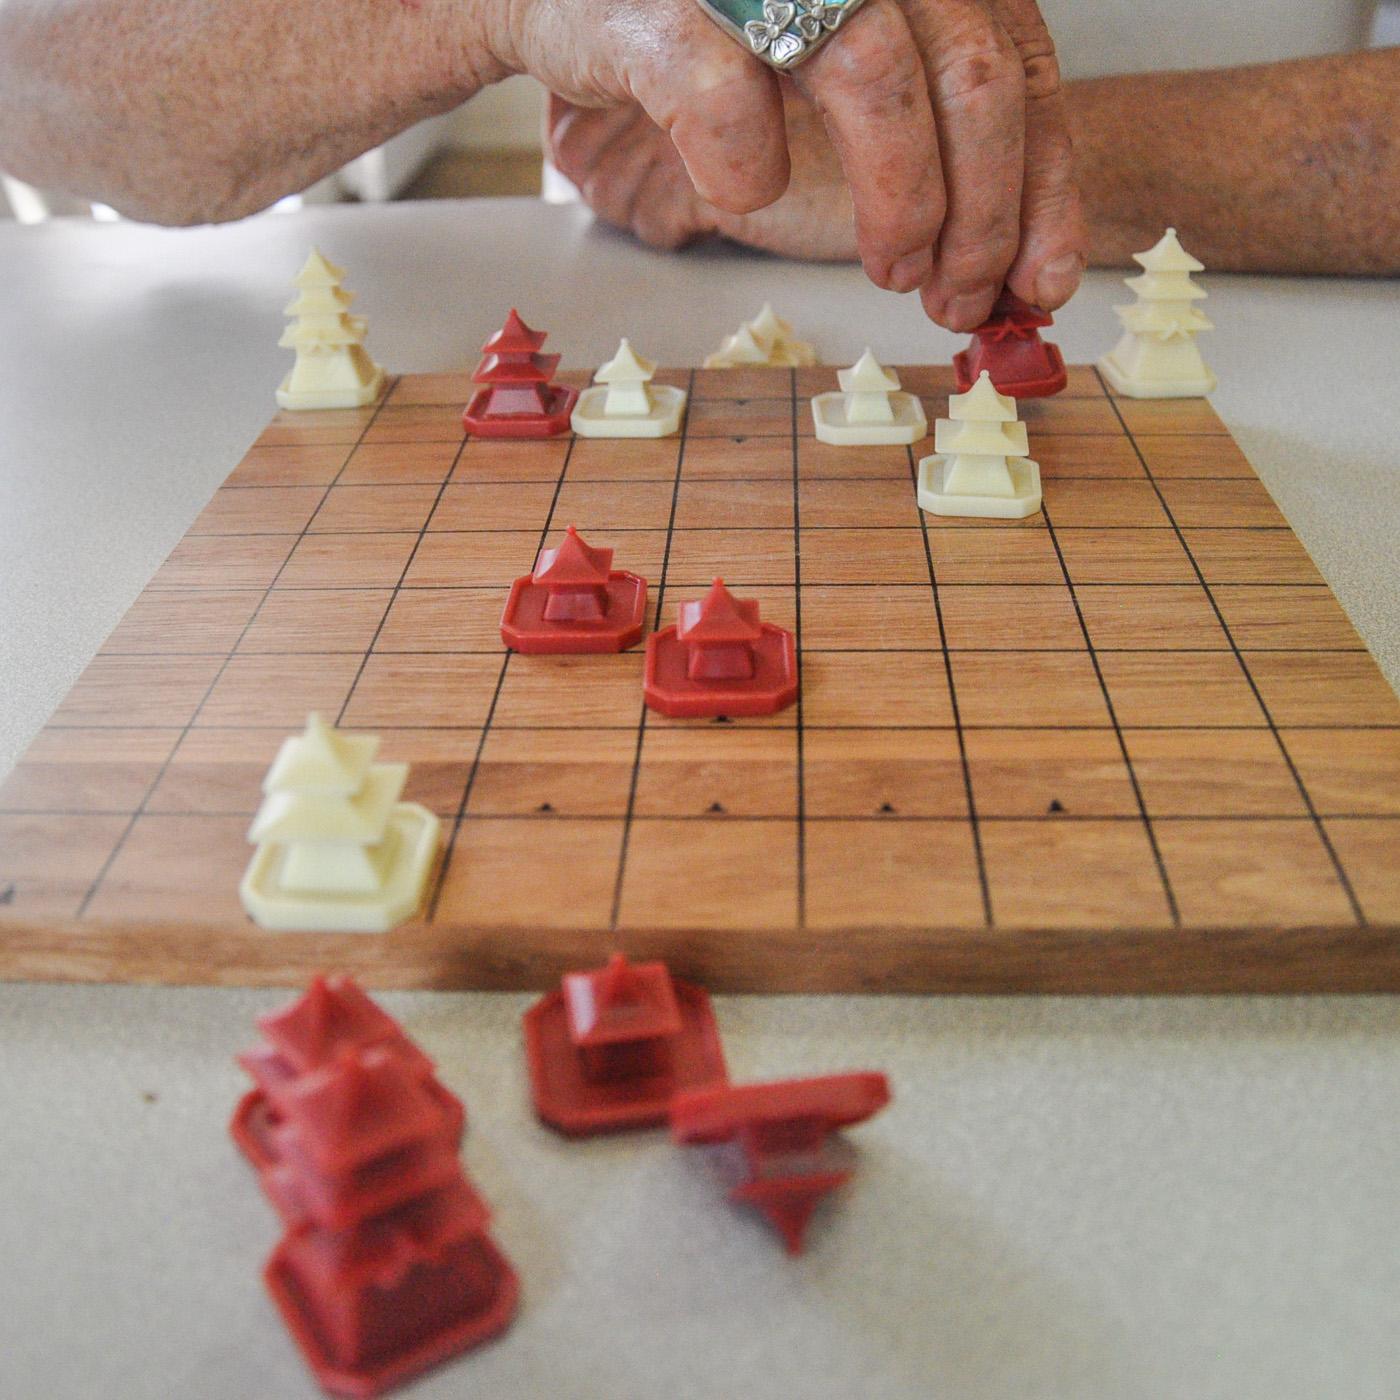 Des jeux par milliers (ou presque !) aux Rencontres du Jeu de Pailharès